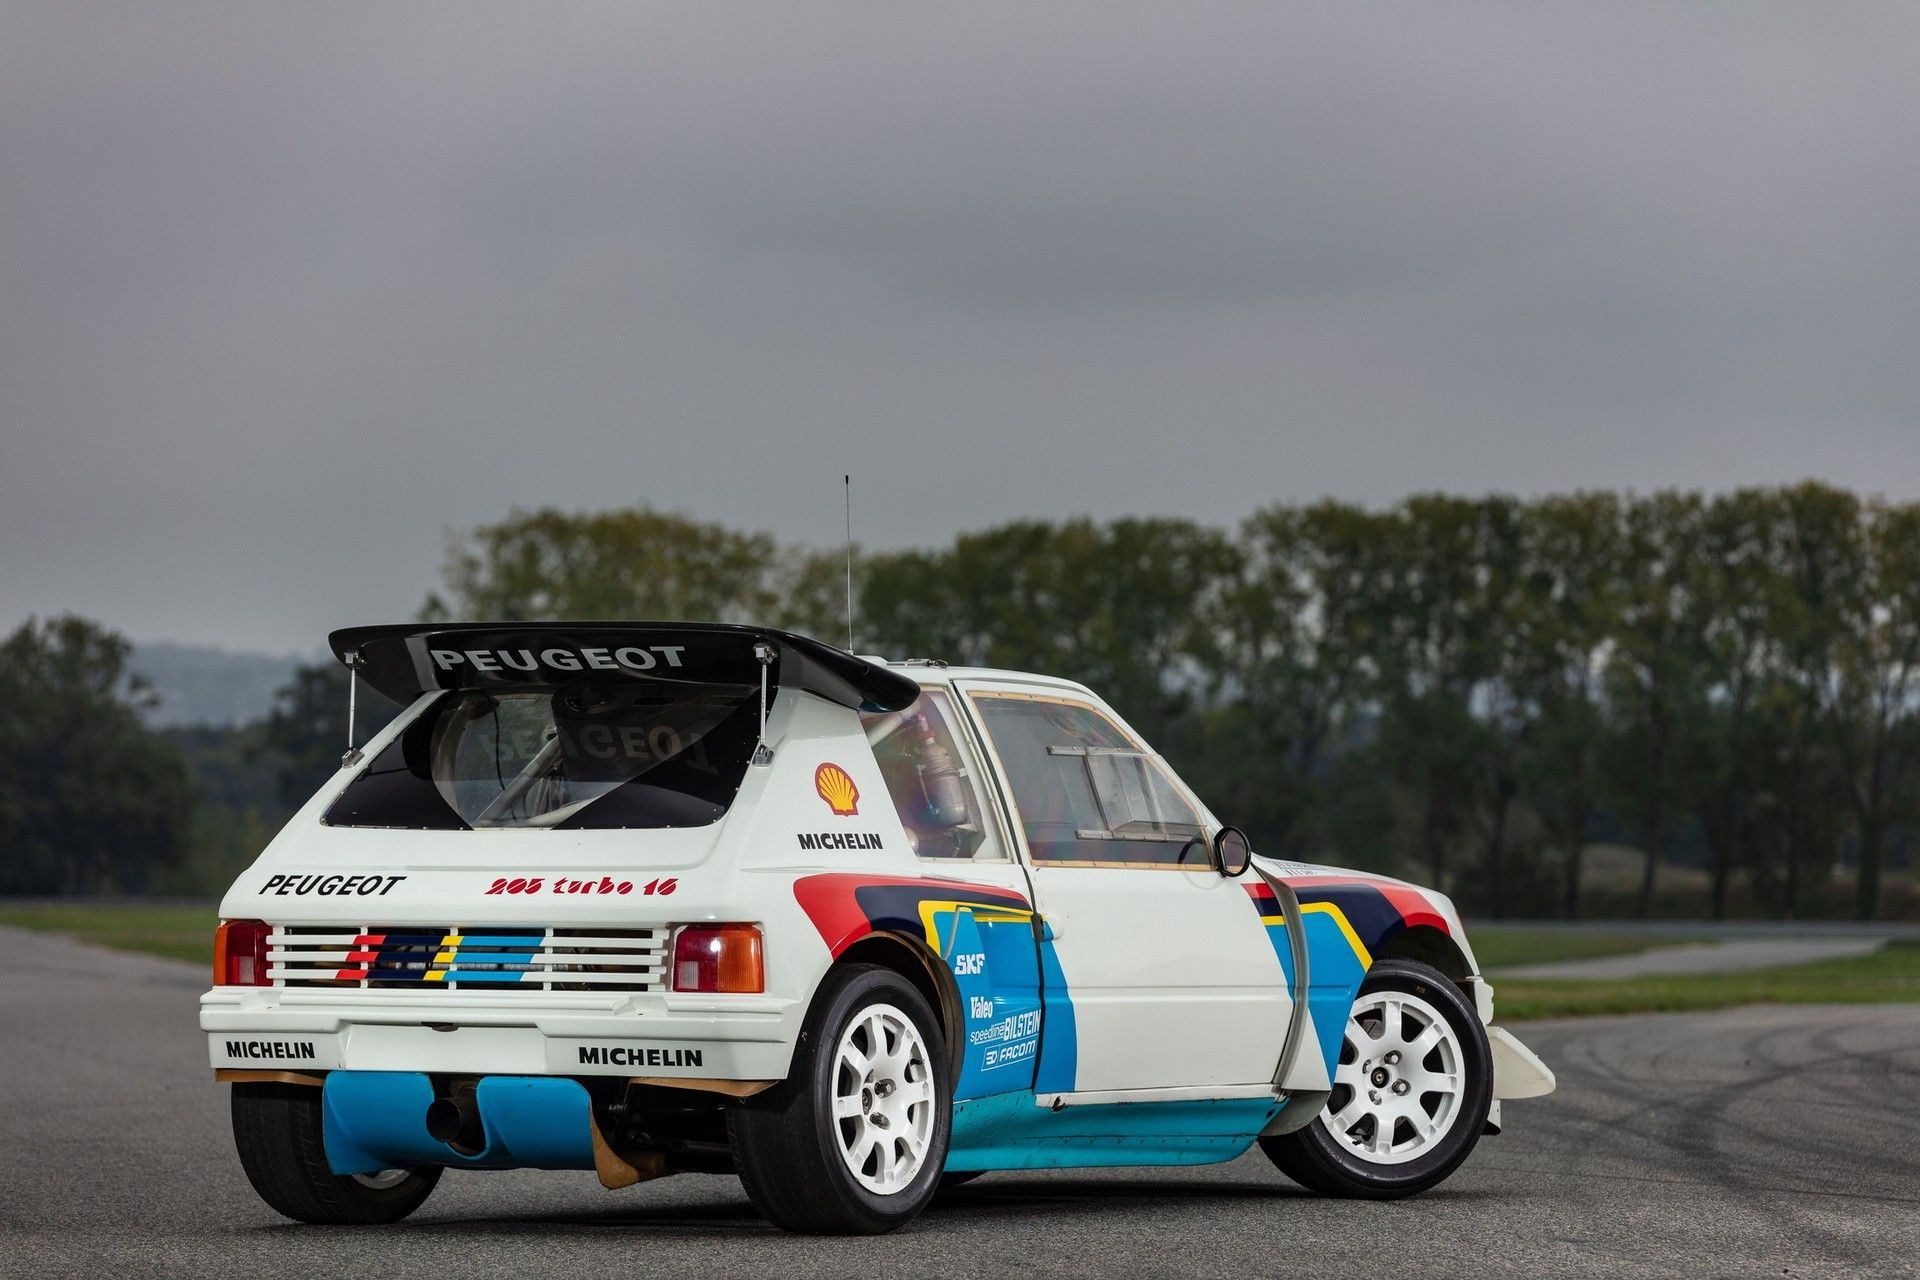 1985_Peugeot_205_Turbo_16_Evolution_2_sale-0003